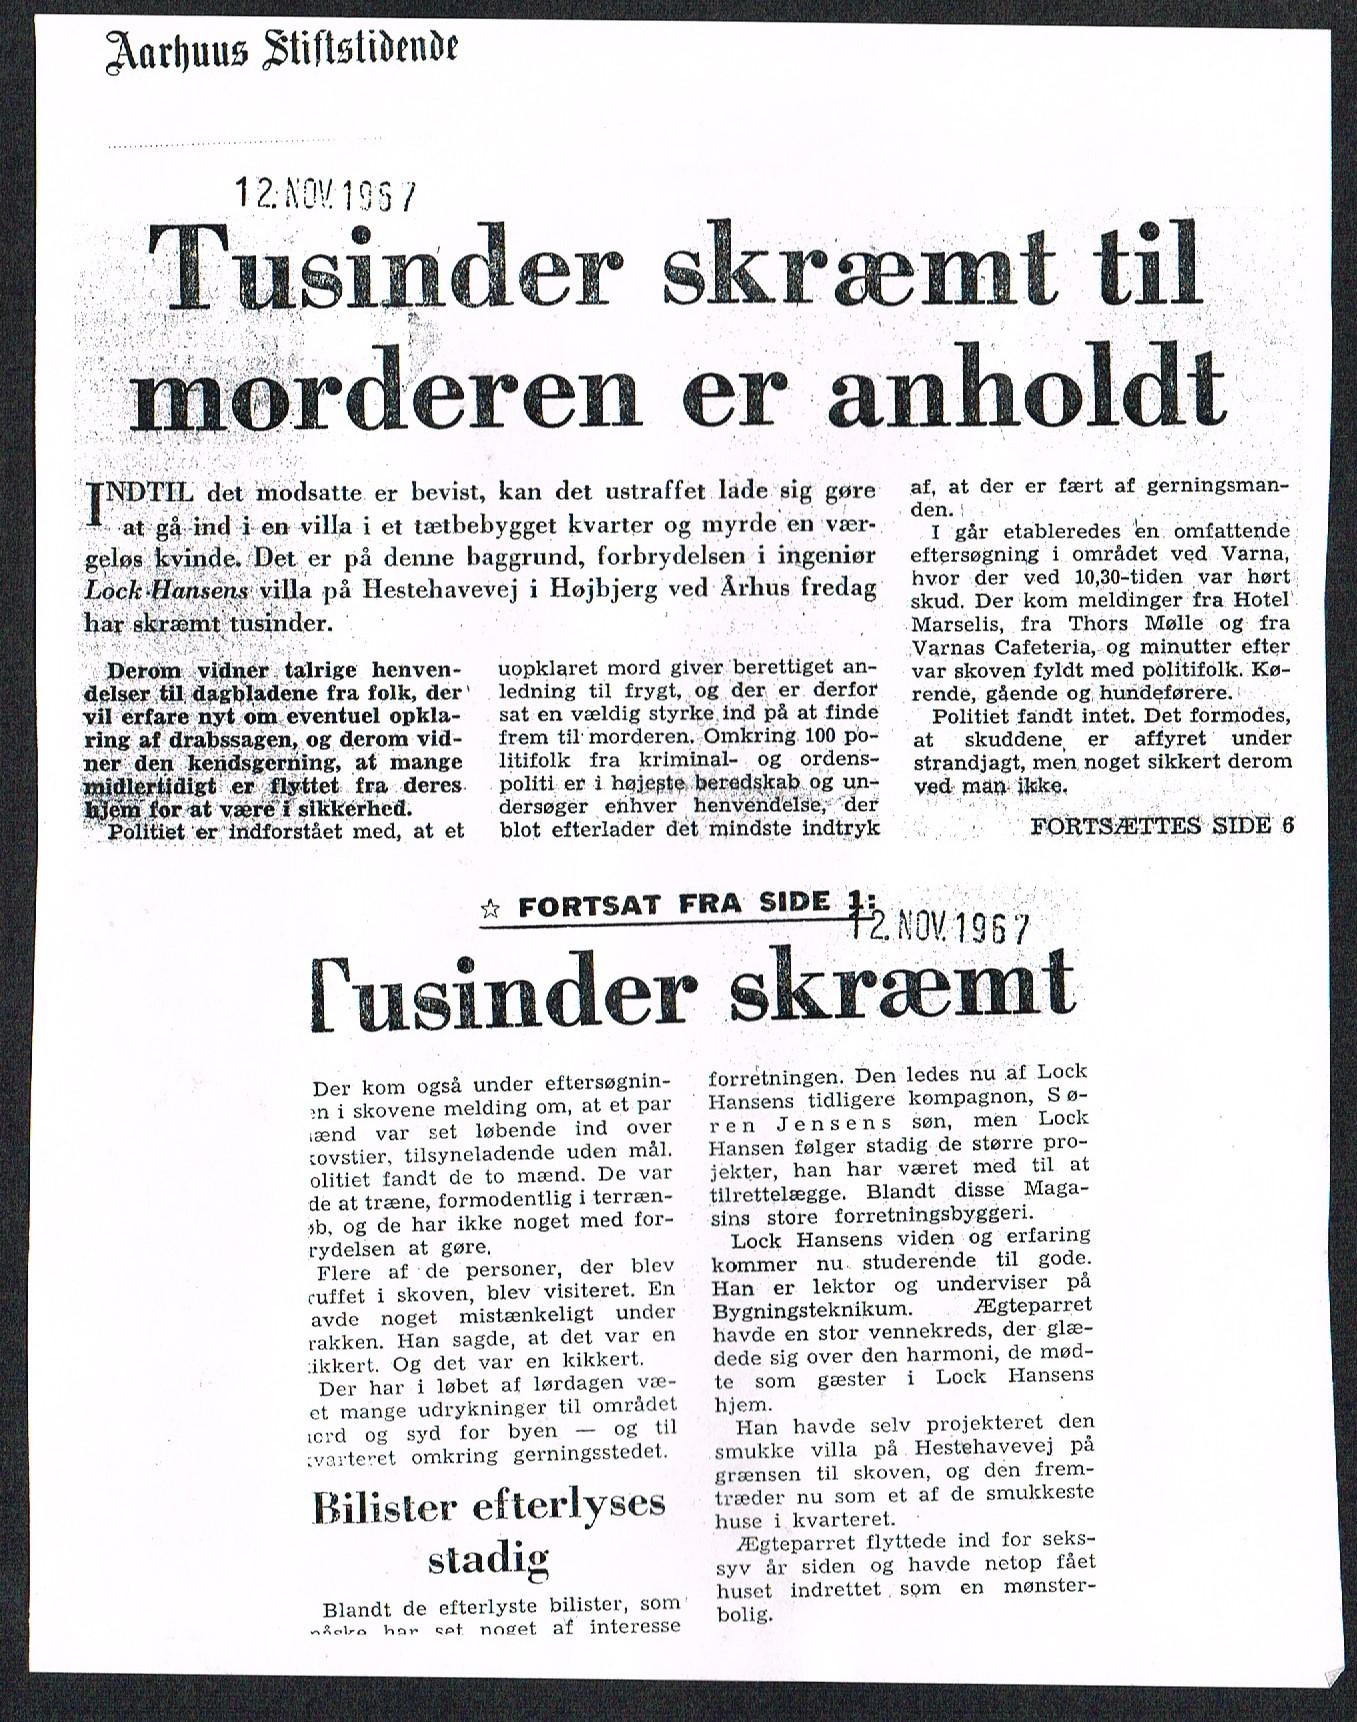 Højbjerg-drabet Omtale i Aarhus Stiftstidende 10 november 1967O